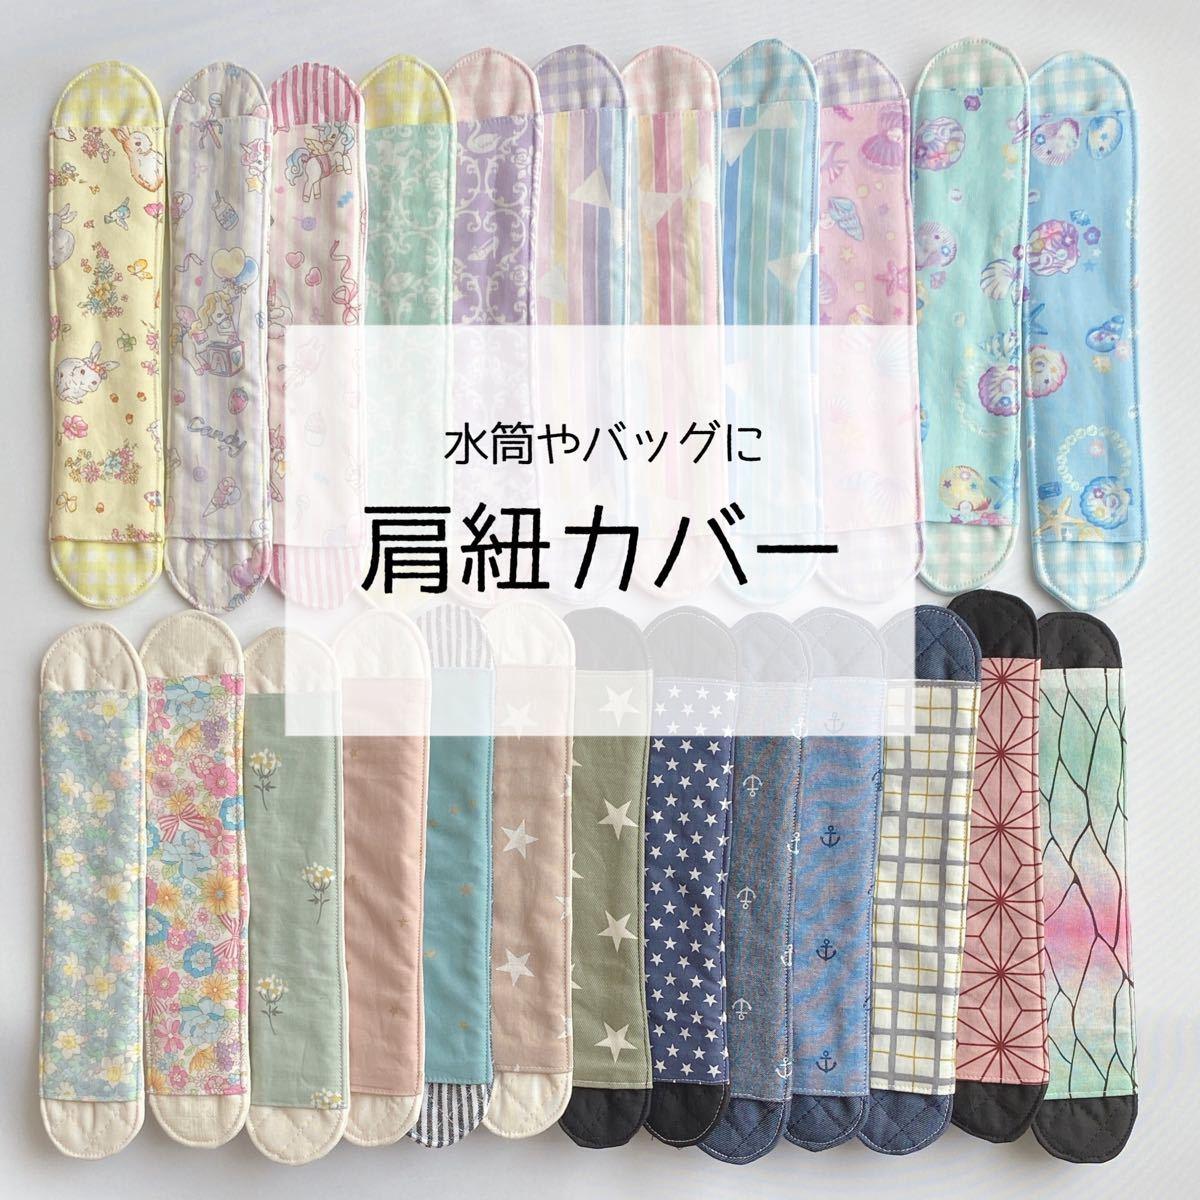 水筒紐カバー 好きな柄から選べる☆全27種類 ハンドメイド